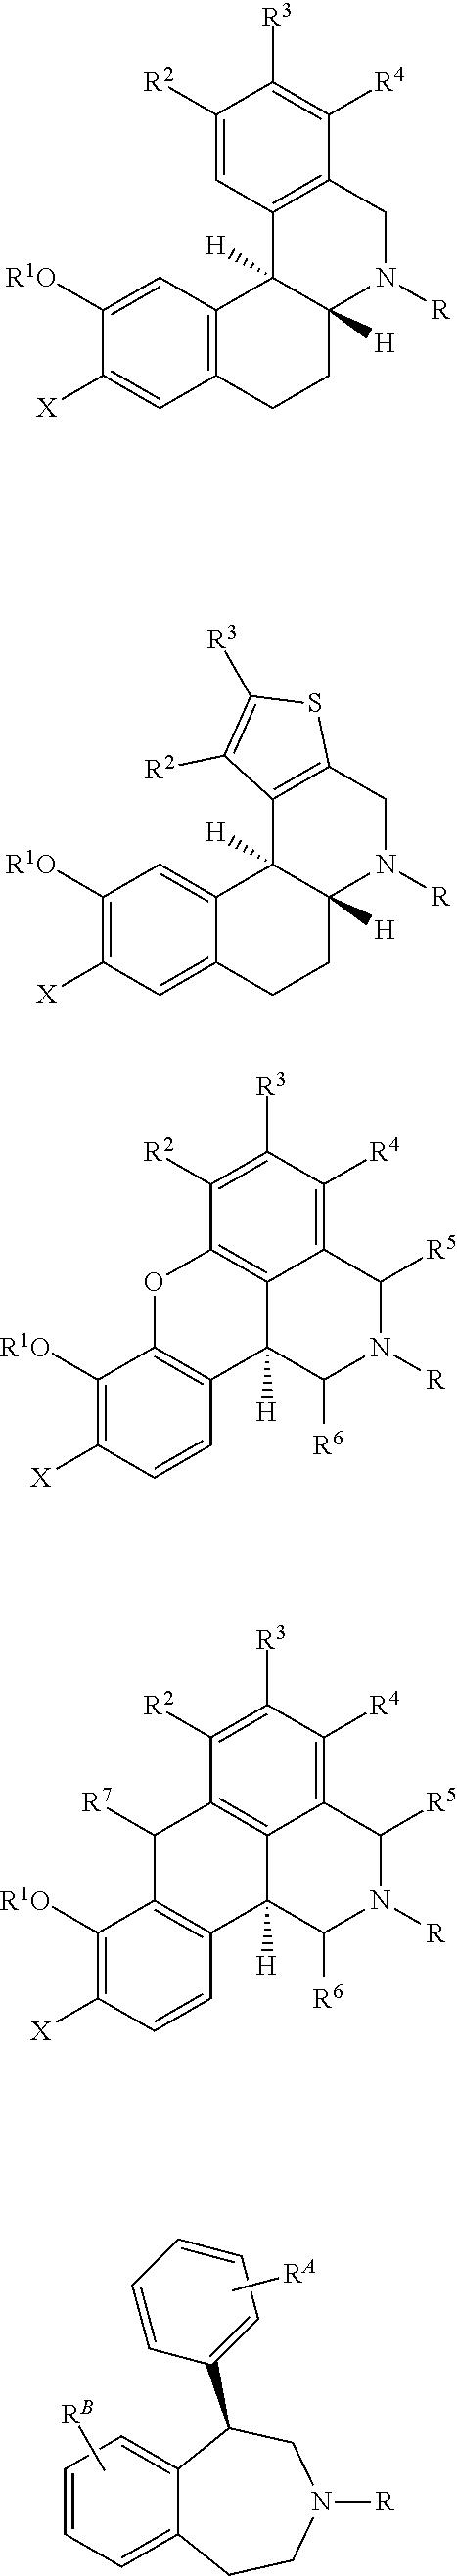 Figure US09687599-20170627-C00001